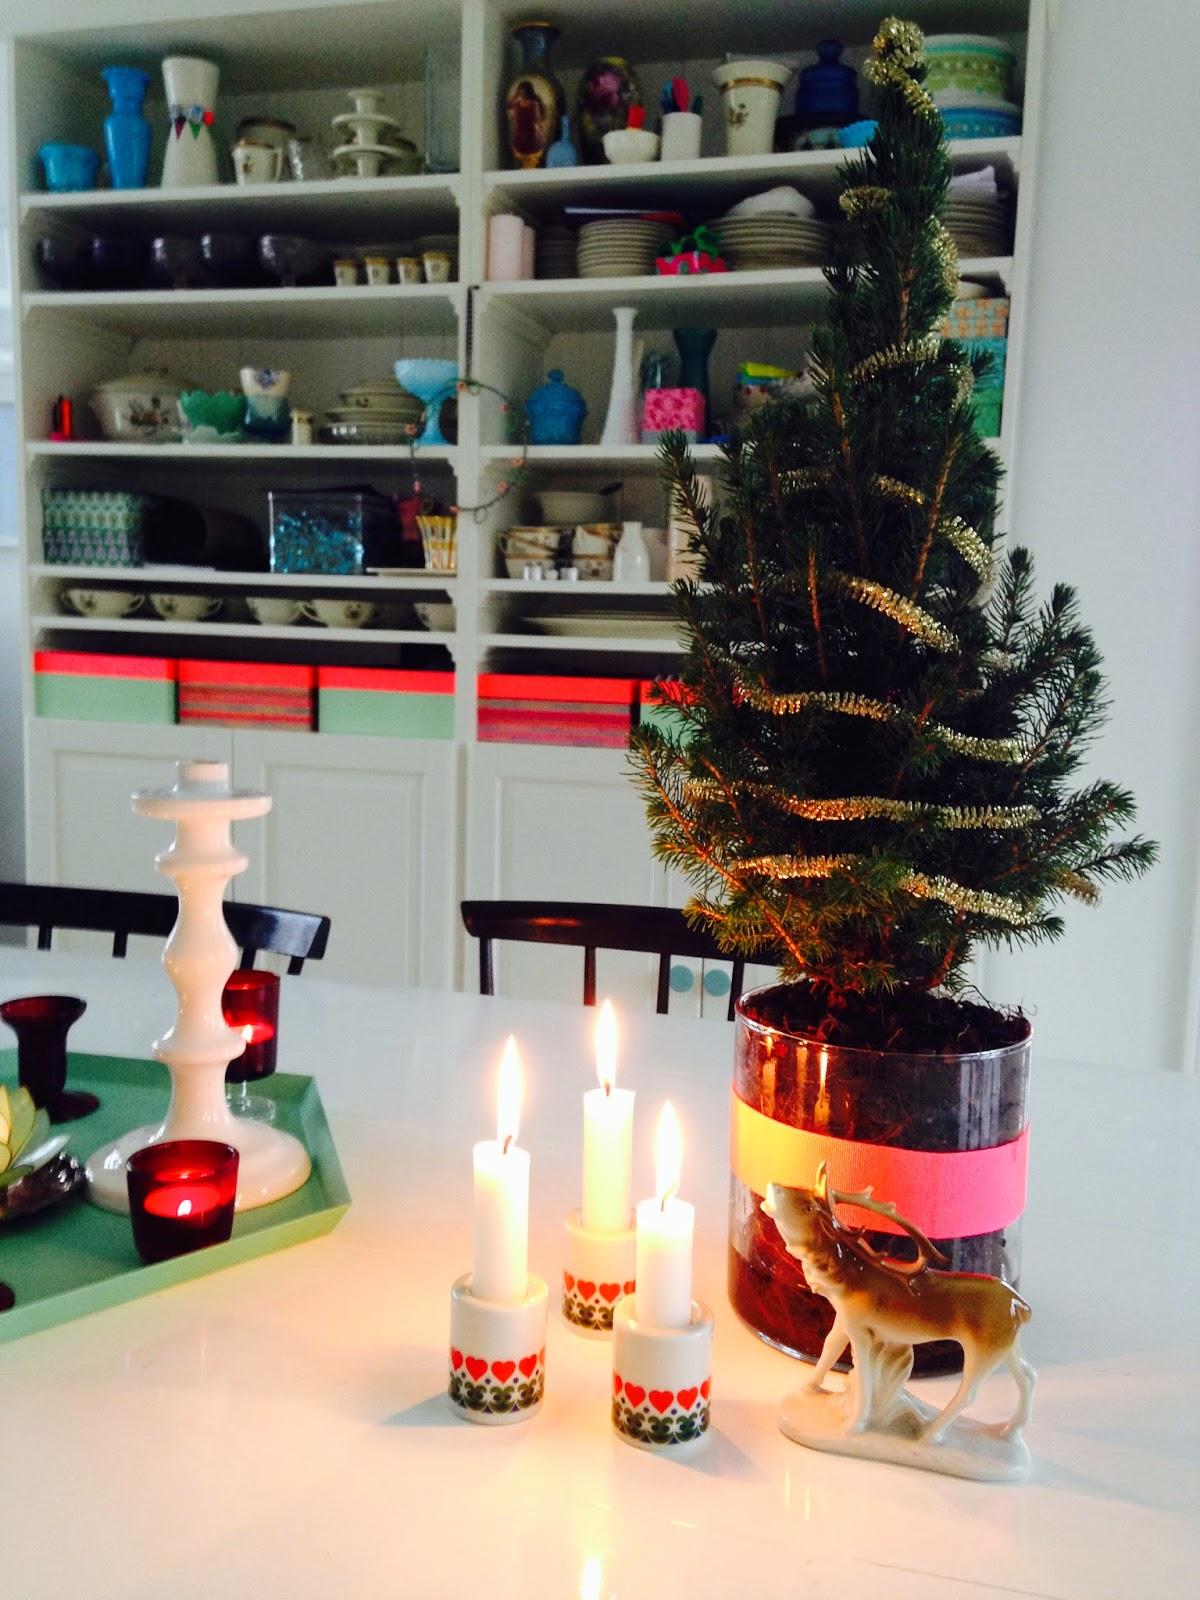 Et lille juletræ pyntet med en guld guirlande - juletræet er i en klar glasvase som jeg har pyntet med neon koral farvet grosgrainbånd i 38mm fra BettyP.dk